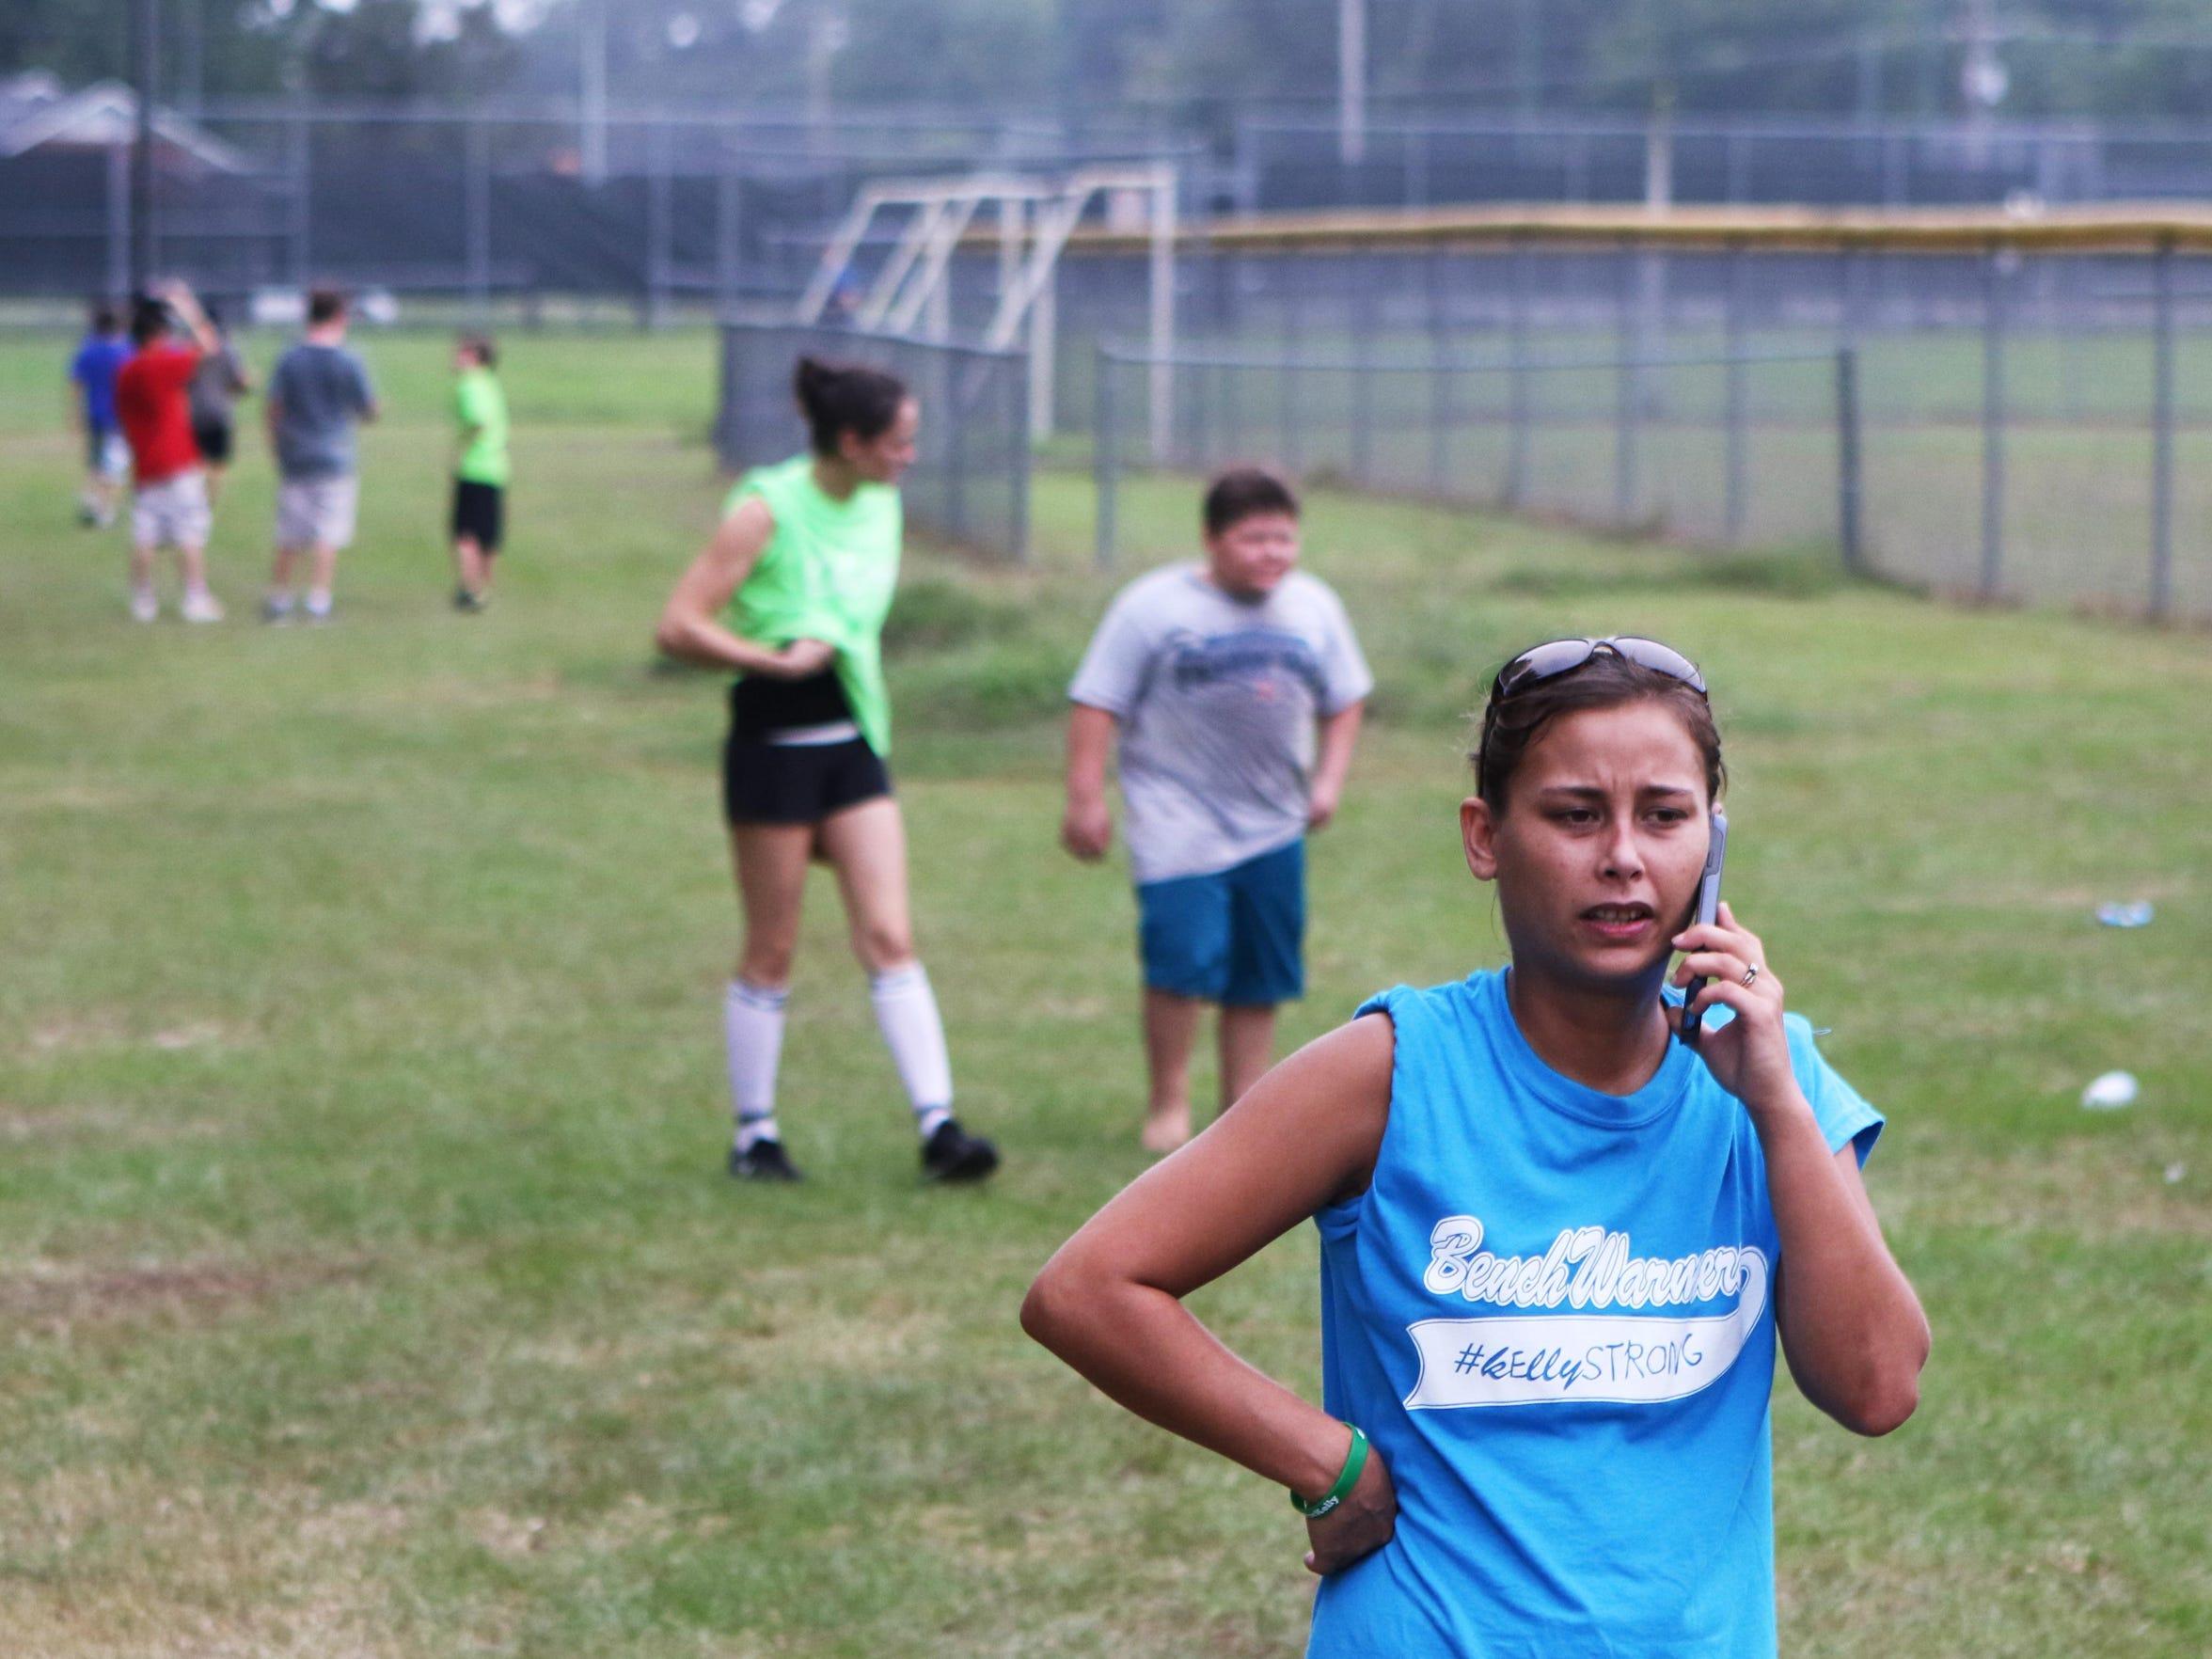 Shianne Graves talks on the phone as she runs a softball